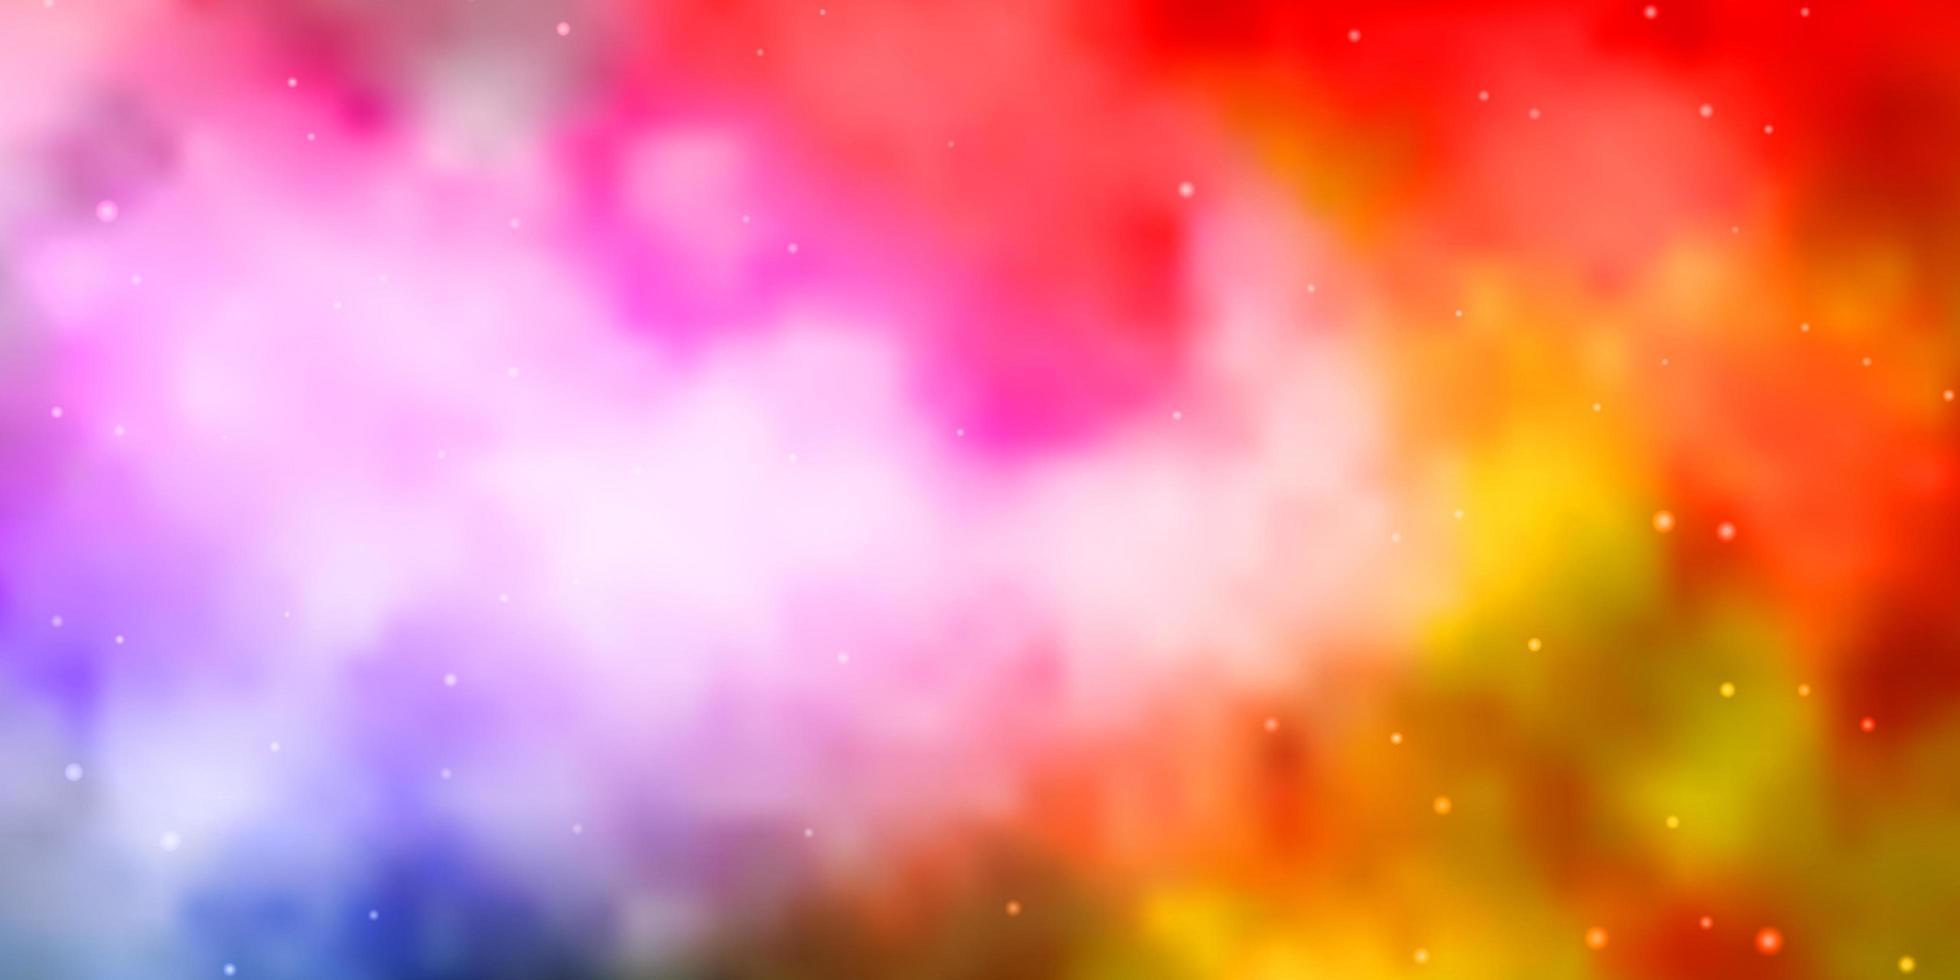 ljus flerfärgad vektorbakgrund med små och stora stjärnor. vektor